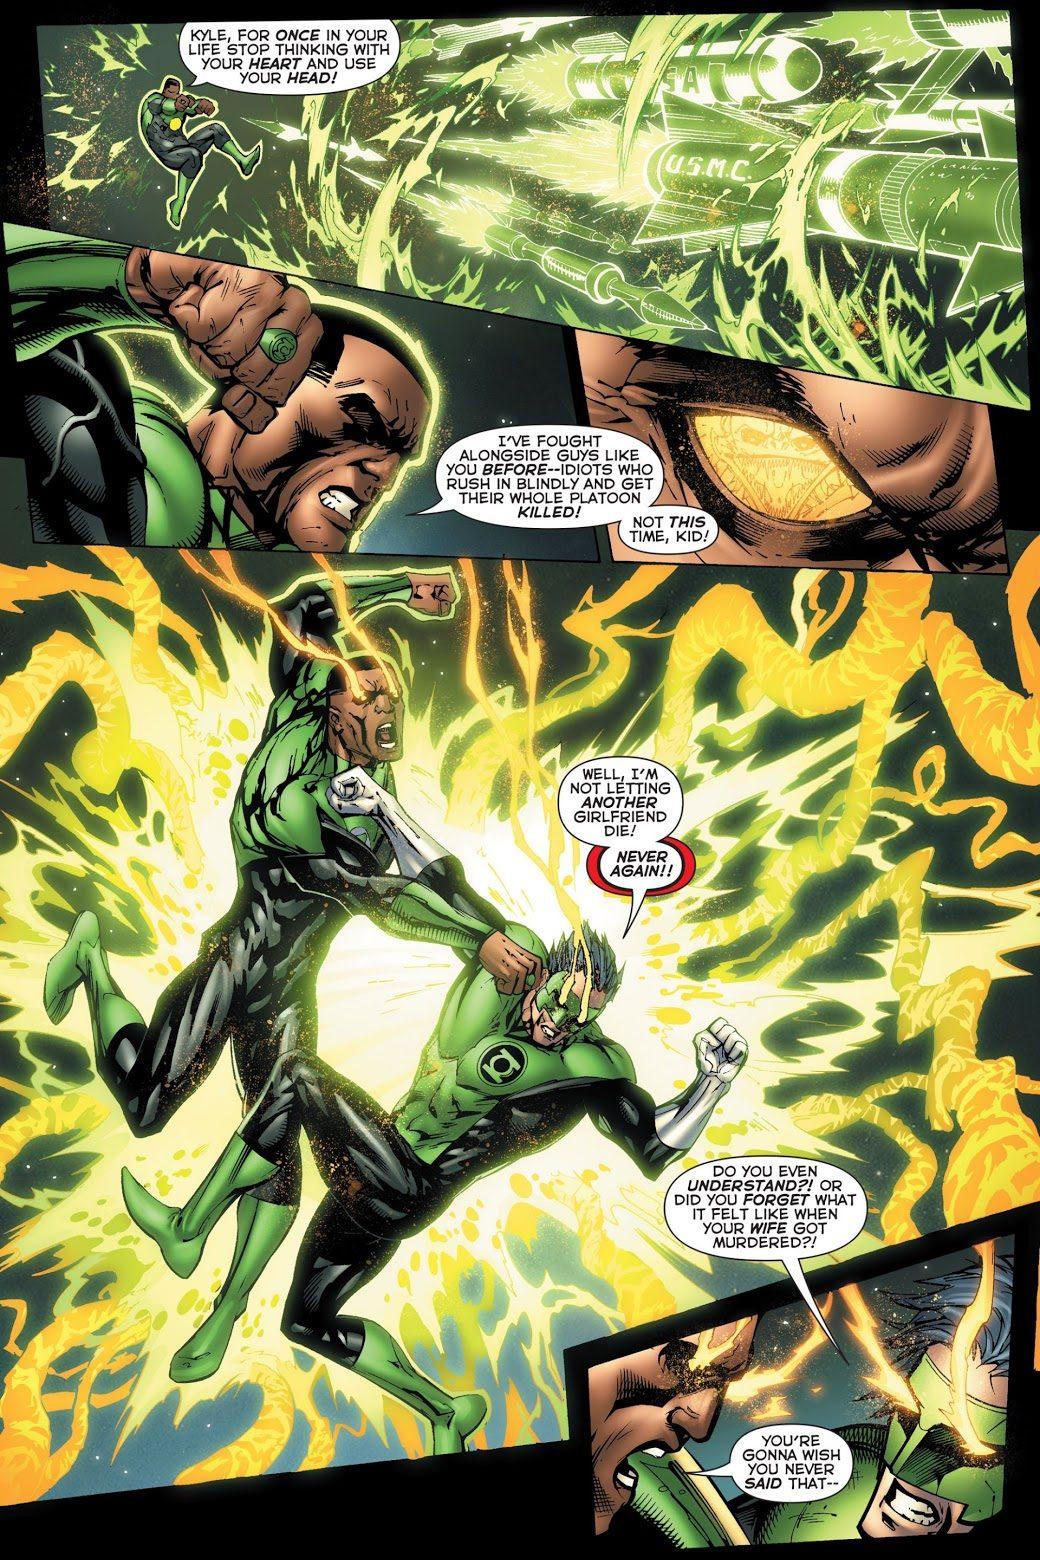 Green Lantern Kyle Rayner VS Green Lantern John Stewart